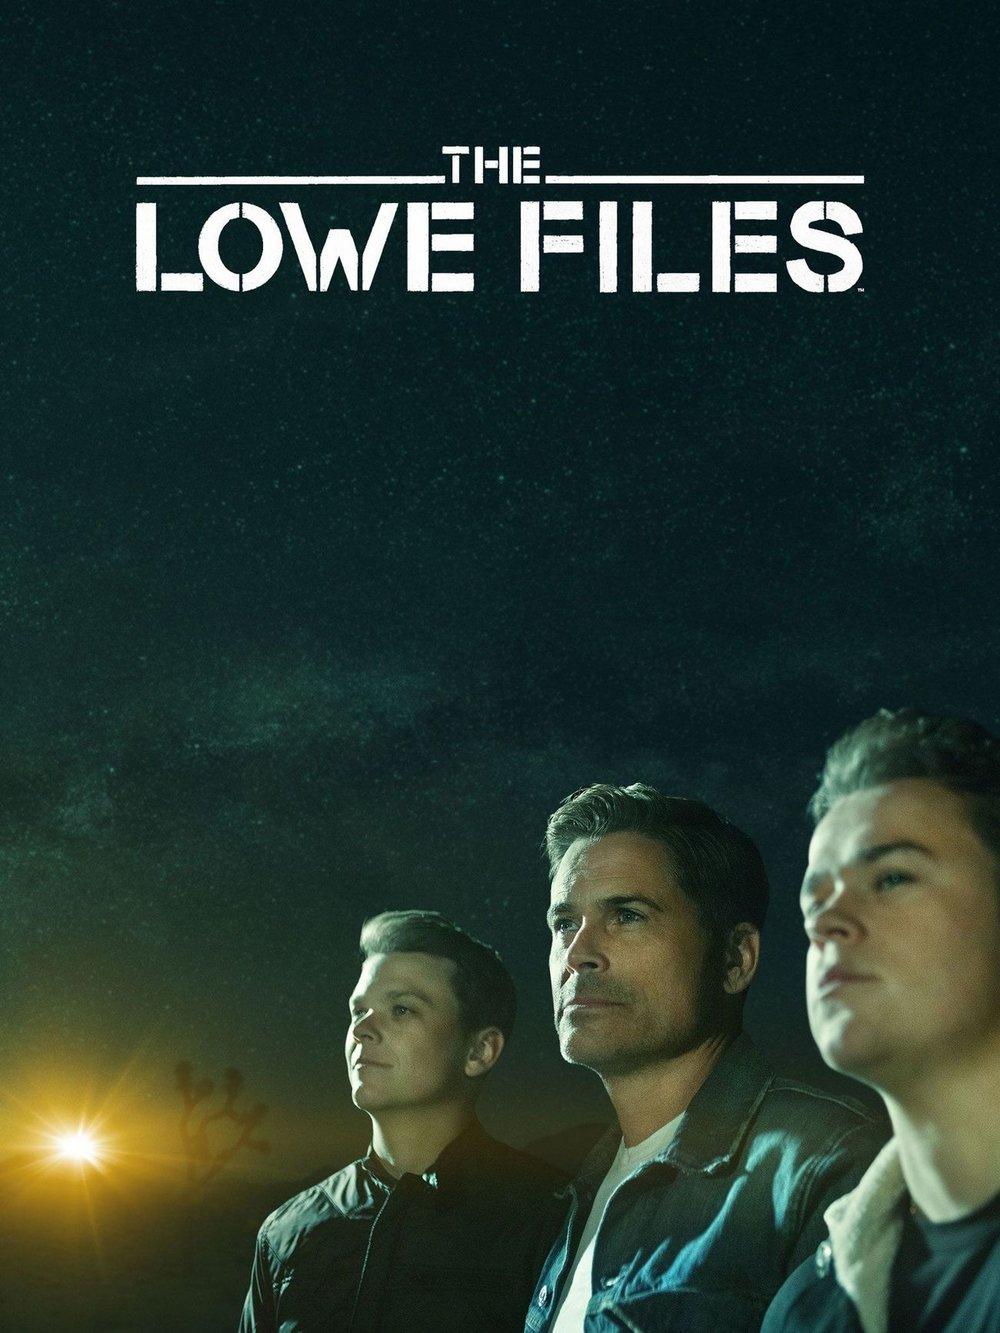 The Lowe Files.jpg